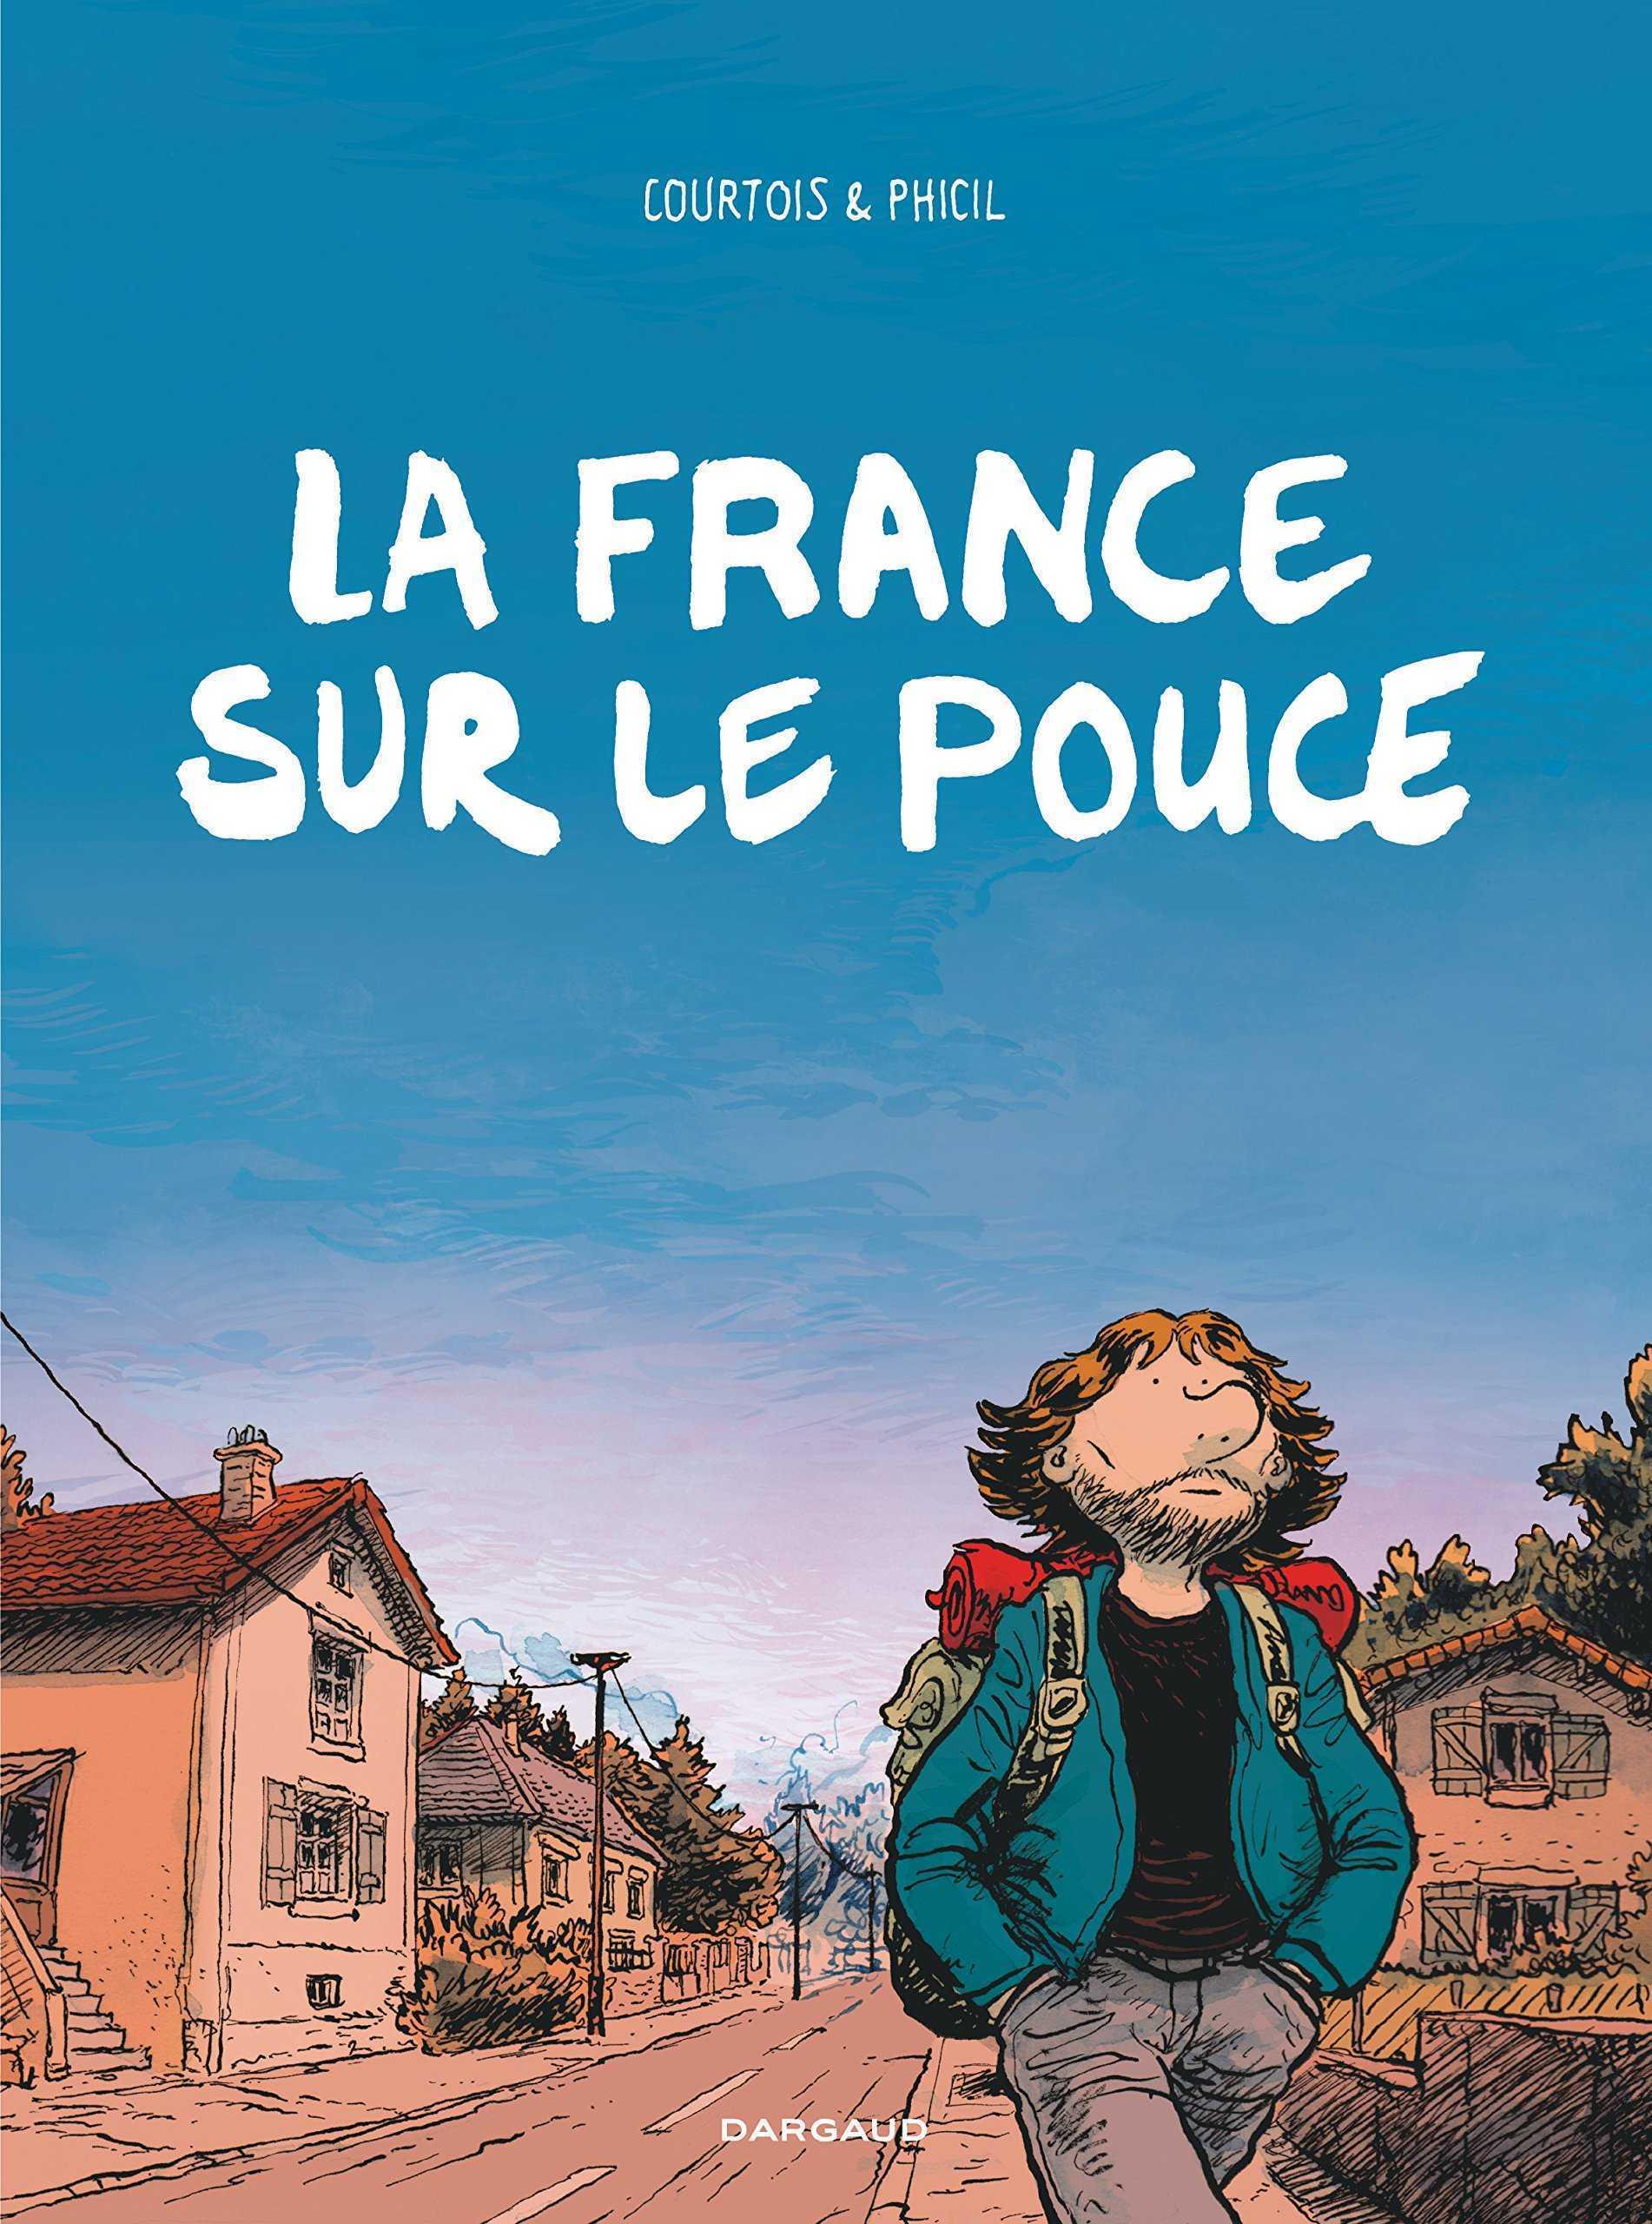 La France sur le pouce, balade en teintes douces